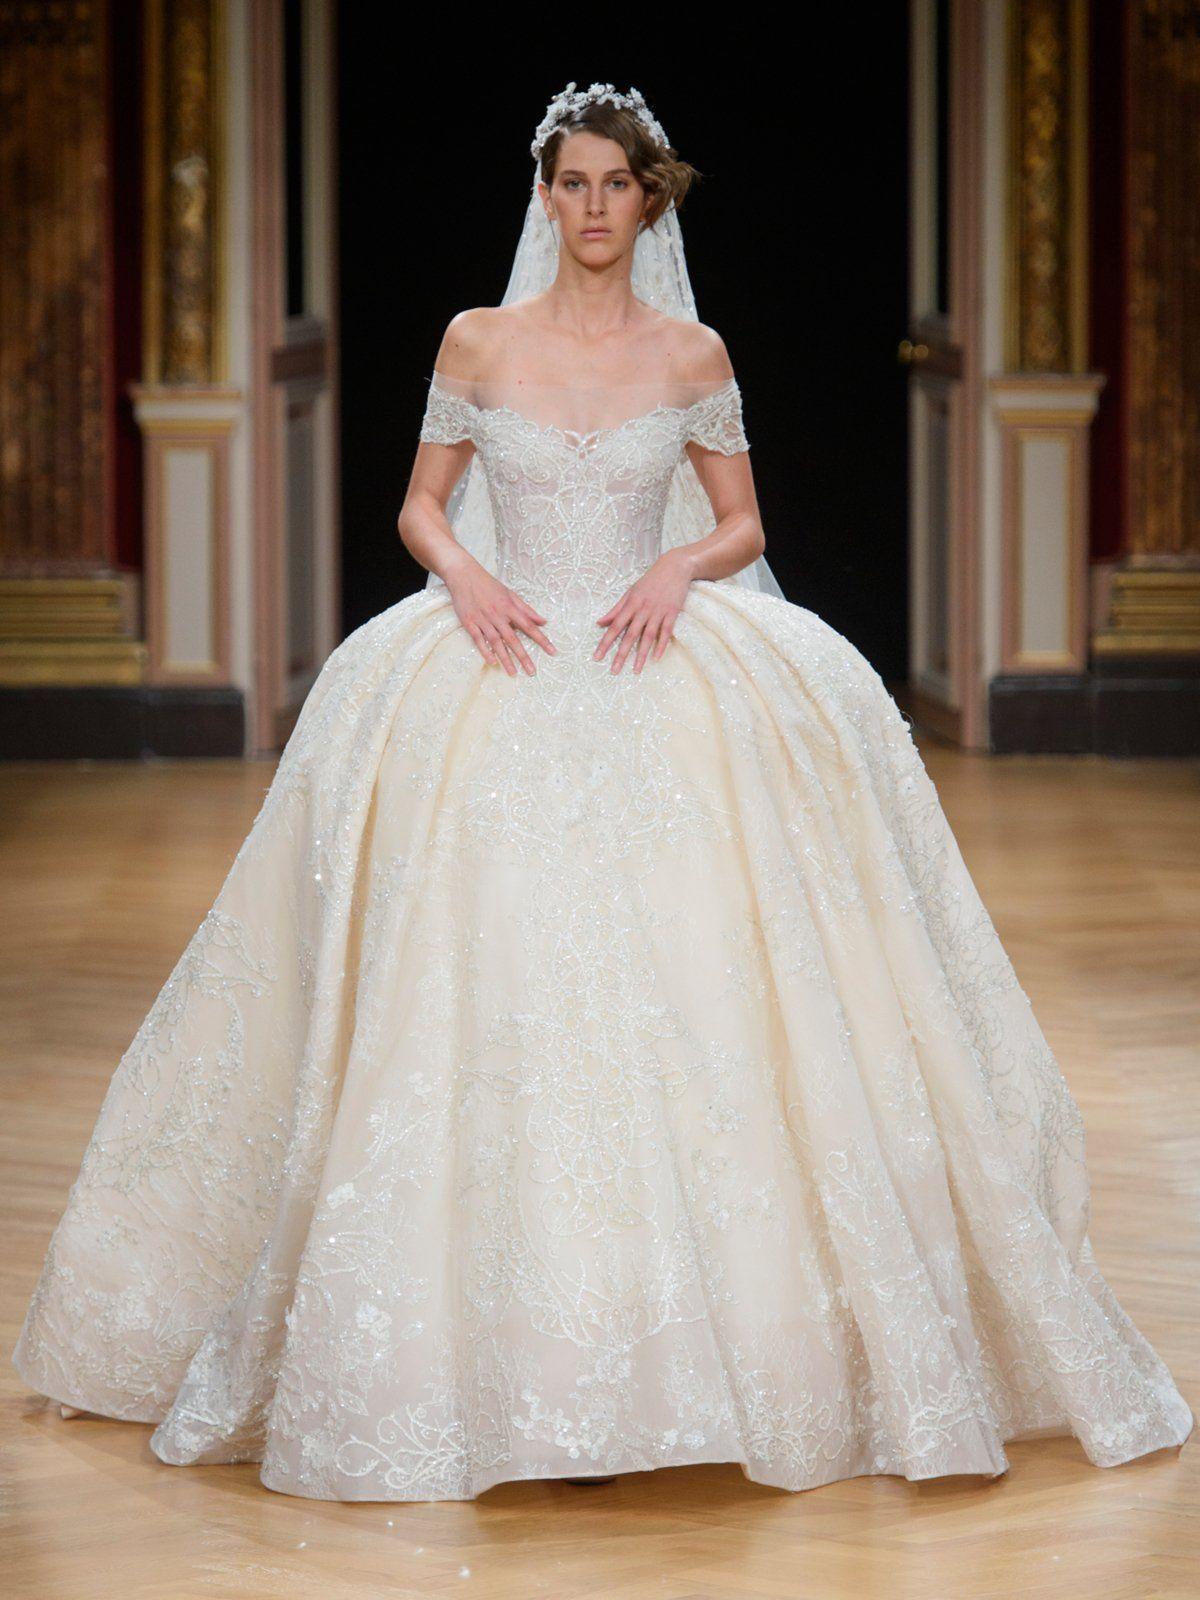 Die schönsten Couture Bräute | Wedding dress, Couture and Wedding